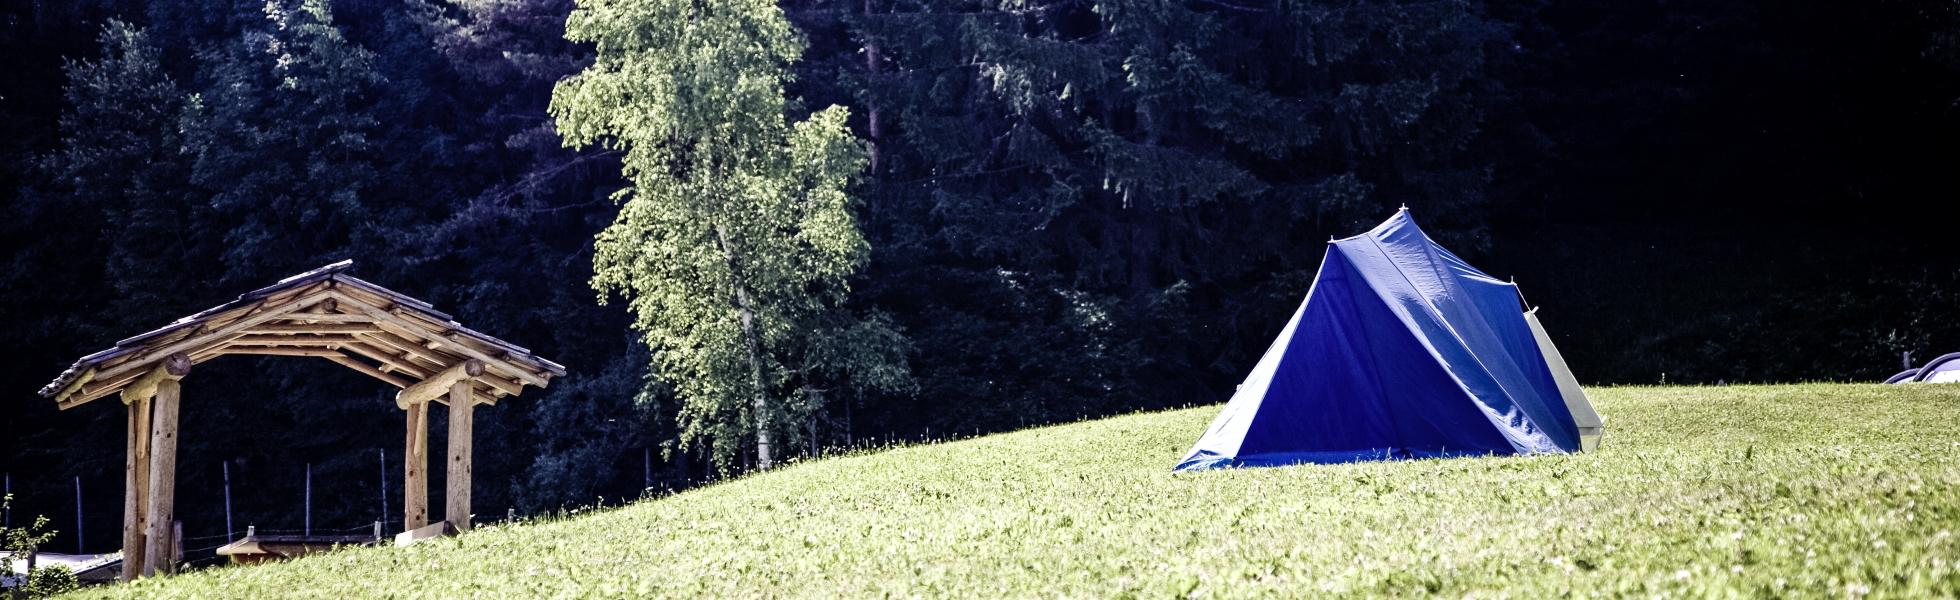 Le Camping c'est la nature!